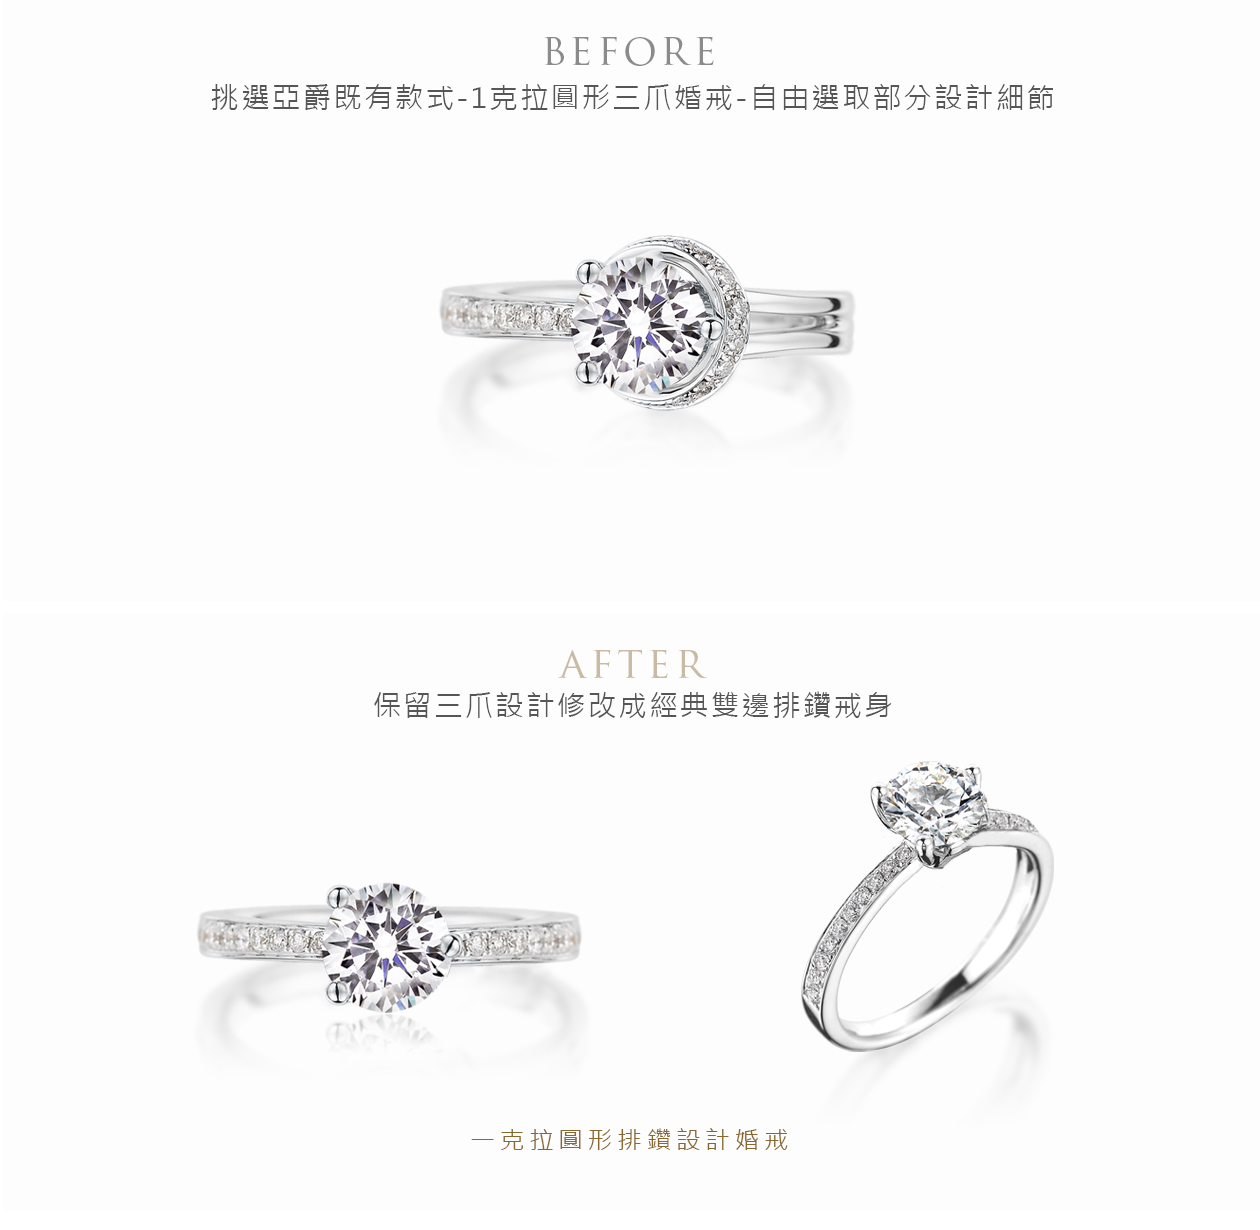 1克拉三爪求婚戒指鑽戒婚戒修改範例